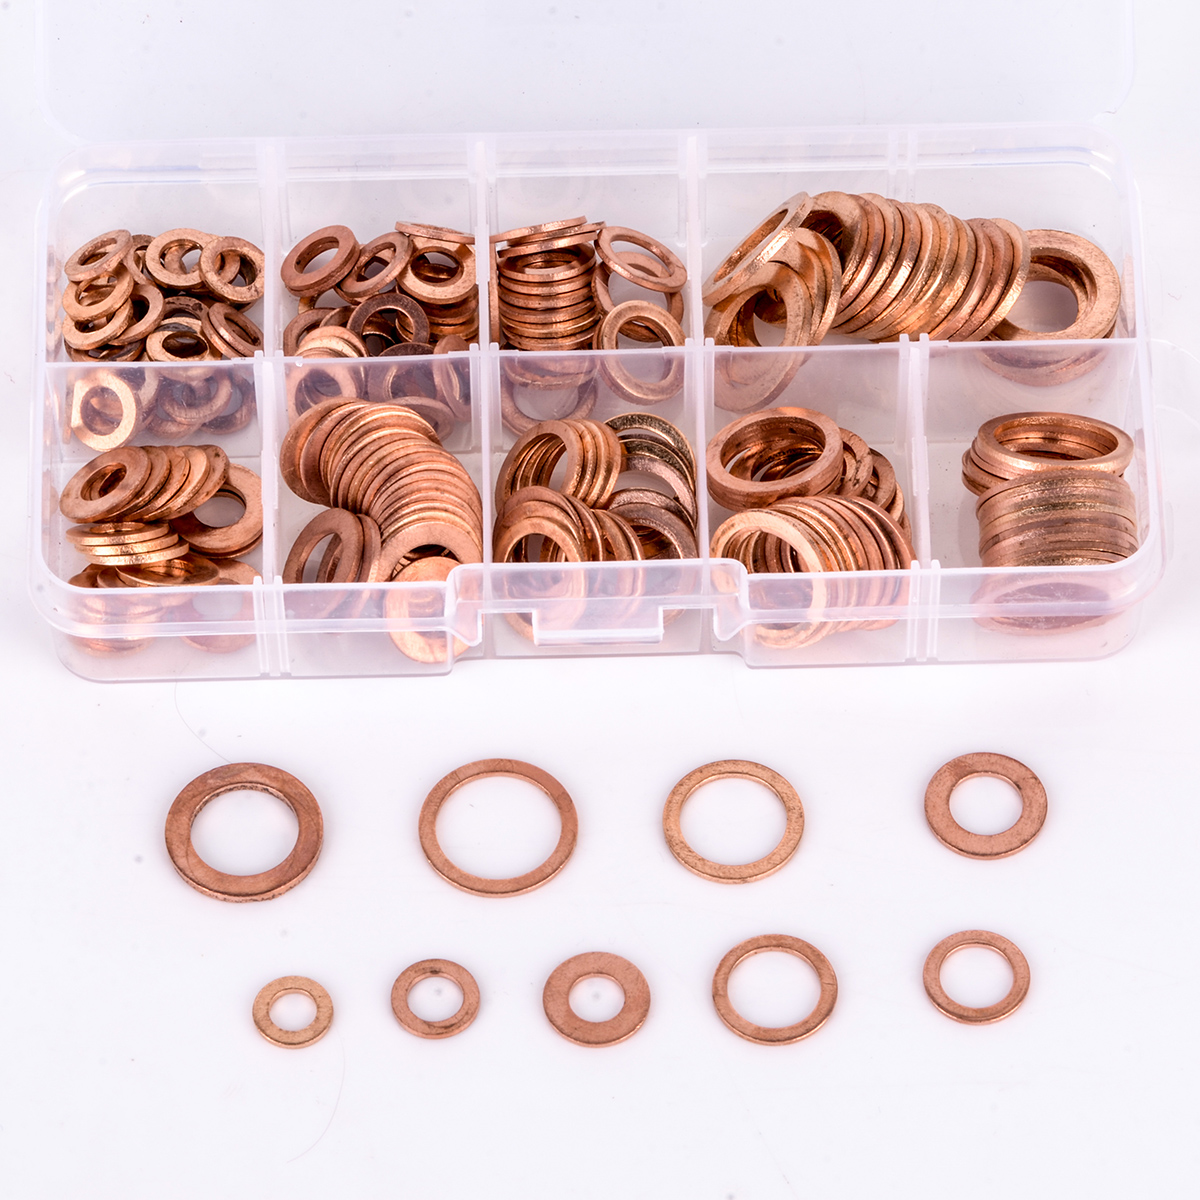 200 unids 9 tamaños arandela de cobre Junta conjunto plana Kit de sello con caja de plástico M5/M6/M8/M10/M12/M14 para generadores maquinaria